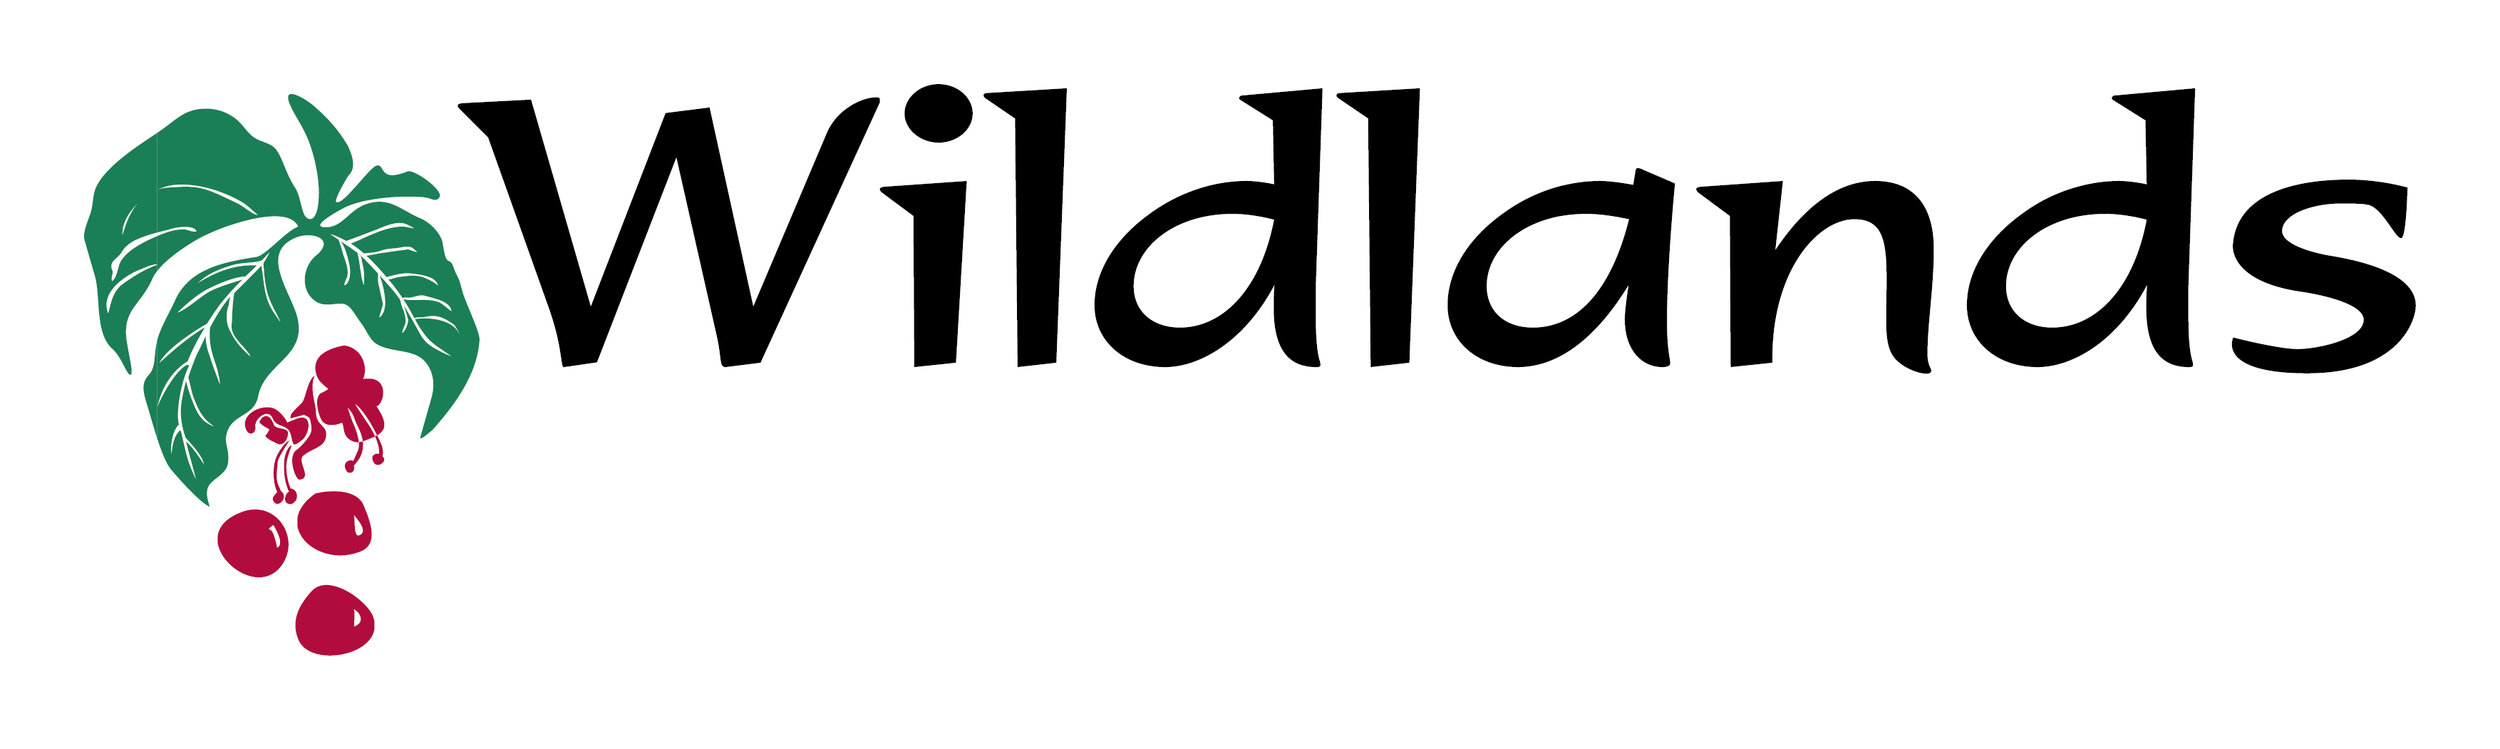 Wildlands No Tag Line 21.09.17.jpg